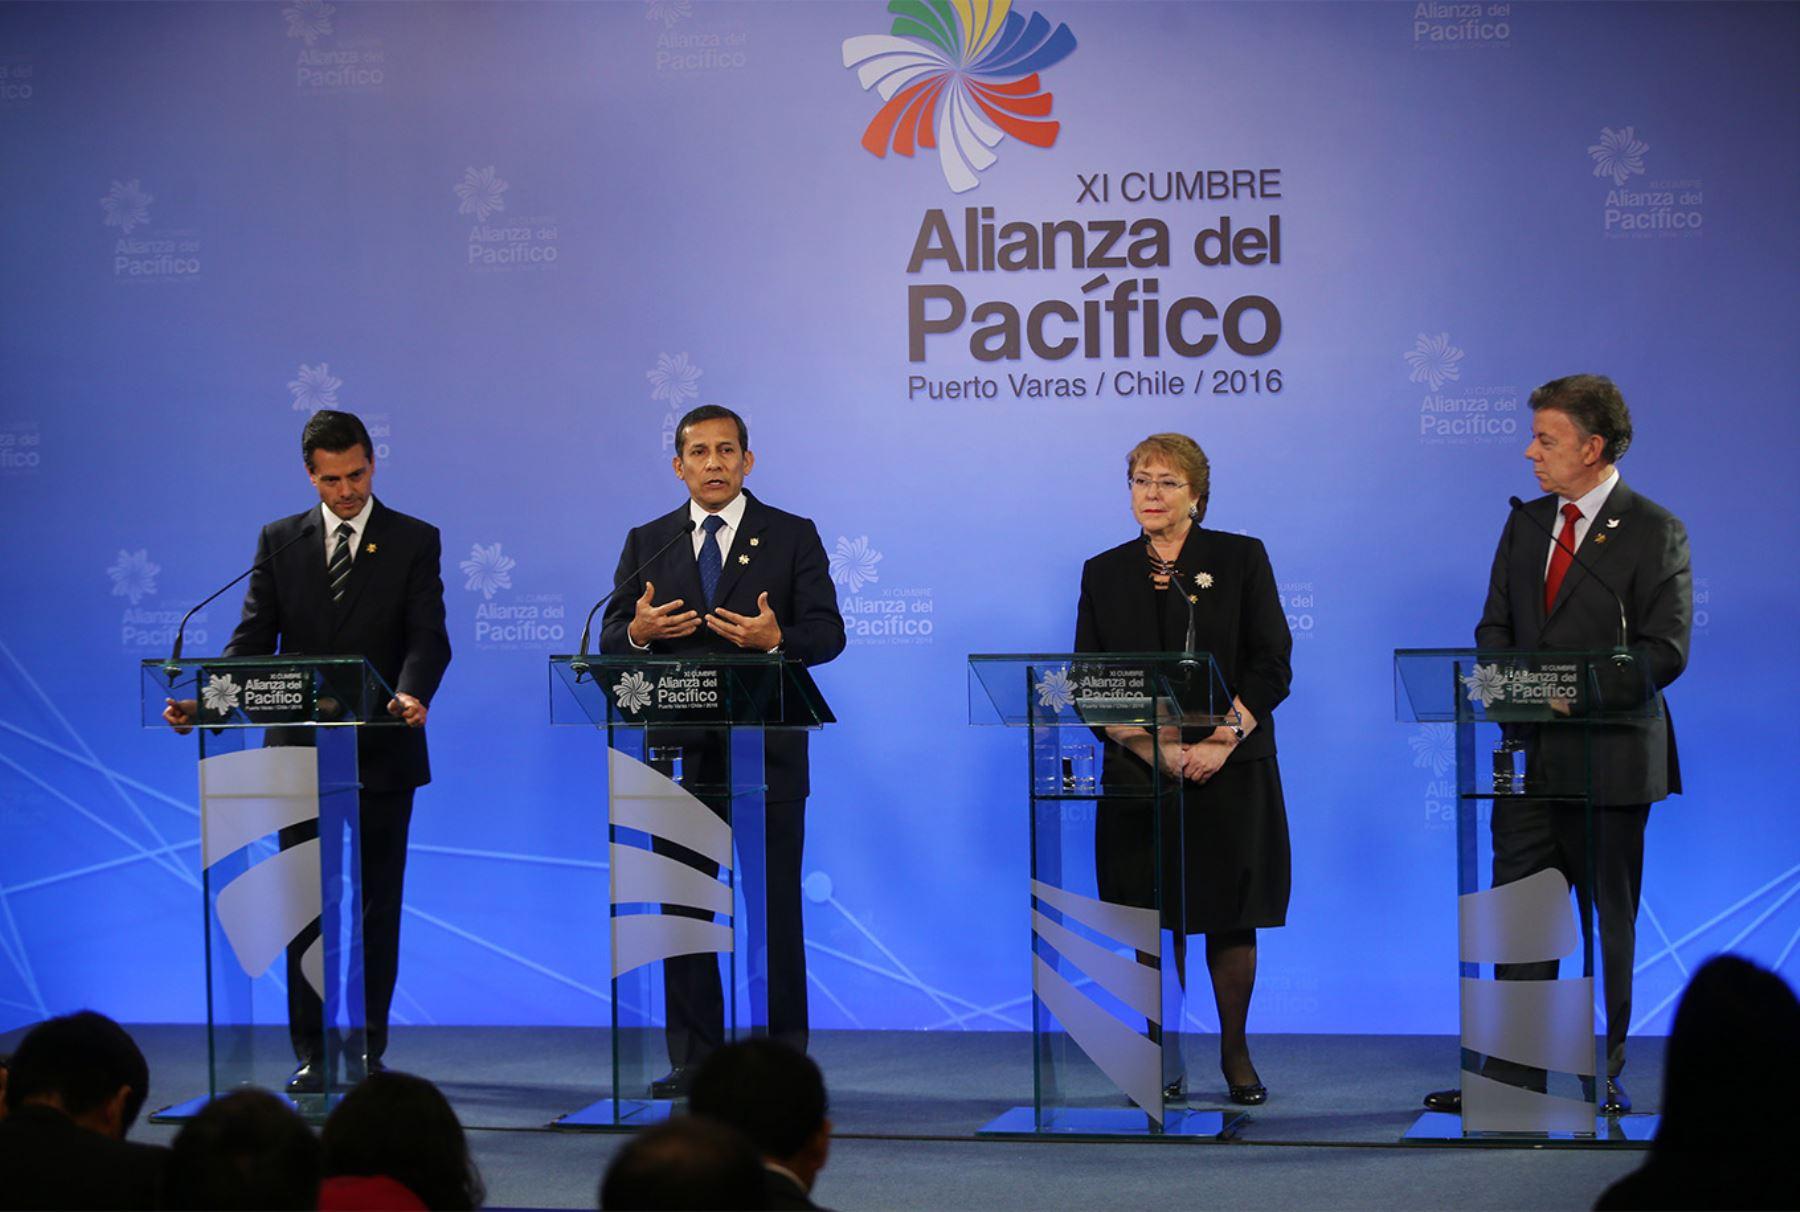 Presidente Ollanta Humala durante el discurso final  XI Cumbre de la Alianza del Pacífico.